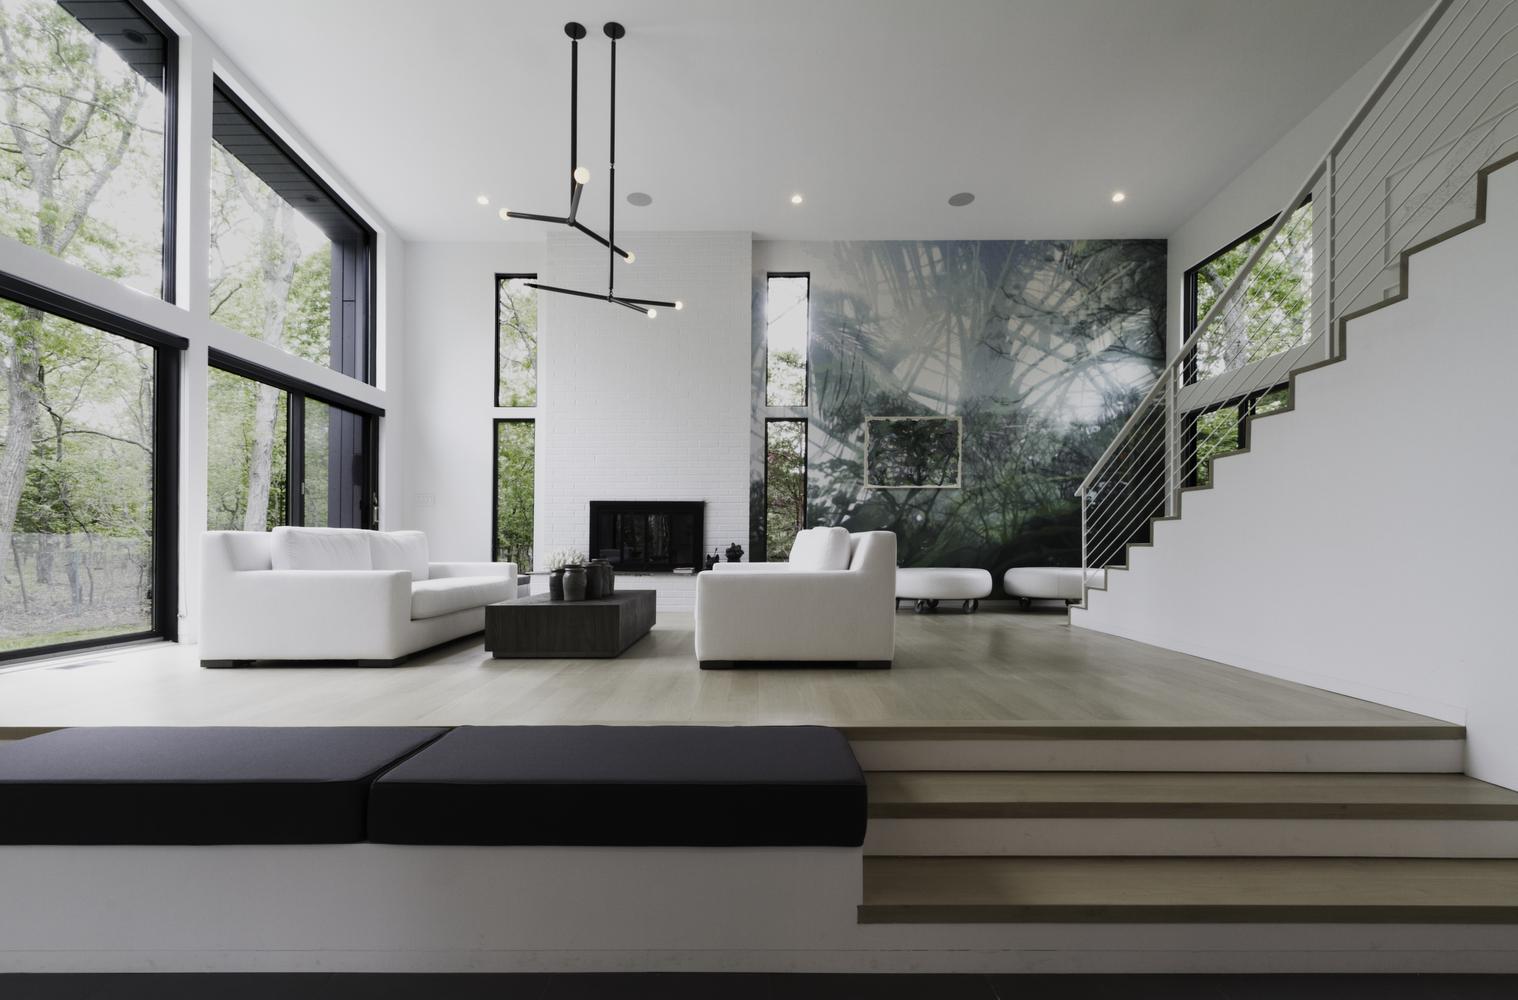 Hintergrundbilder : Haus, Innere, Innenarchitektur ...